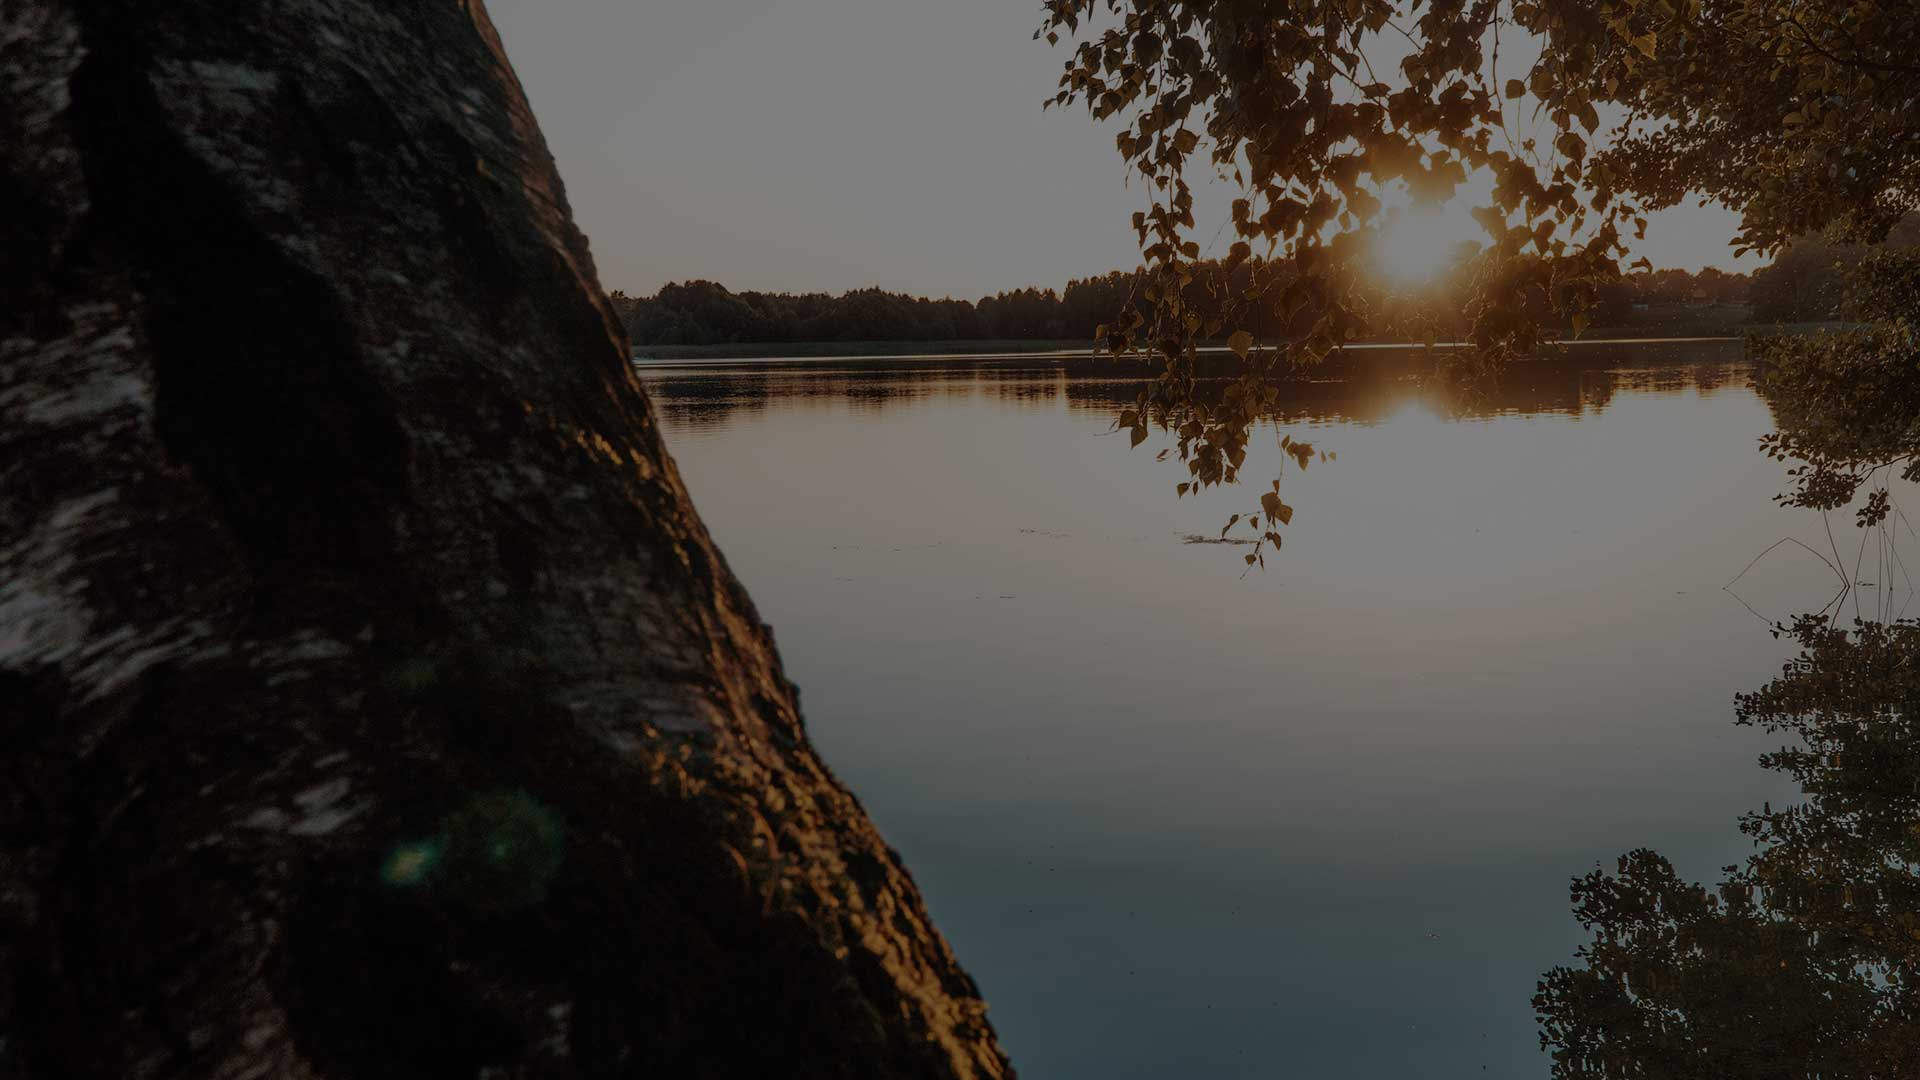 björkstam framför en sjö i solnedgången